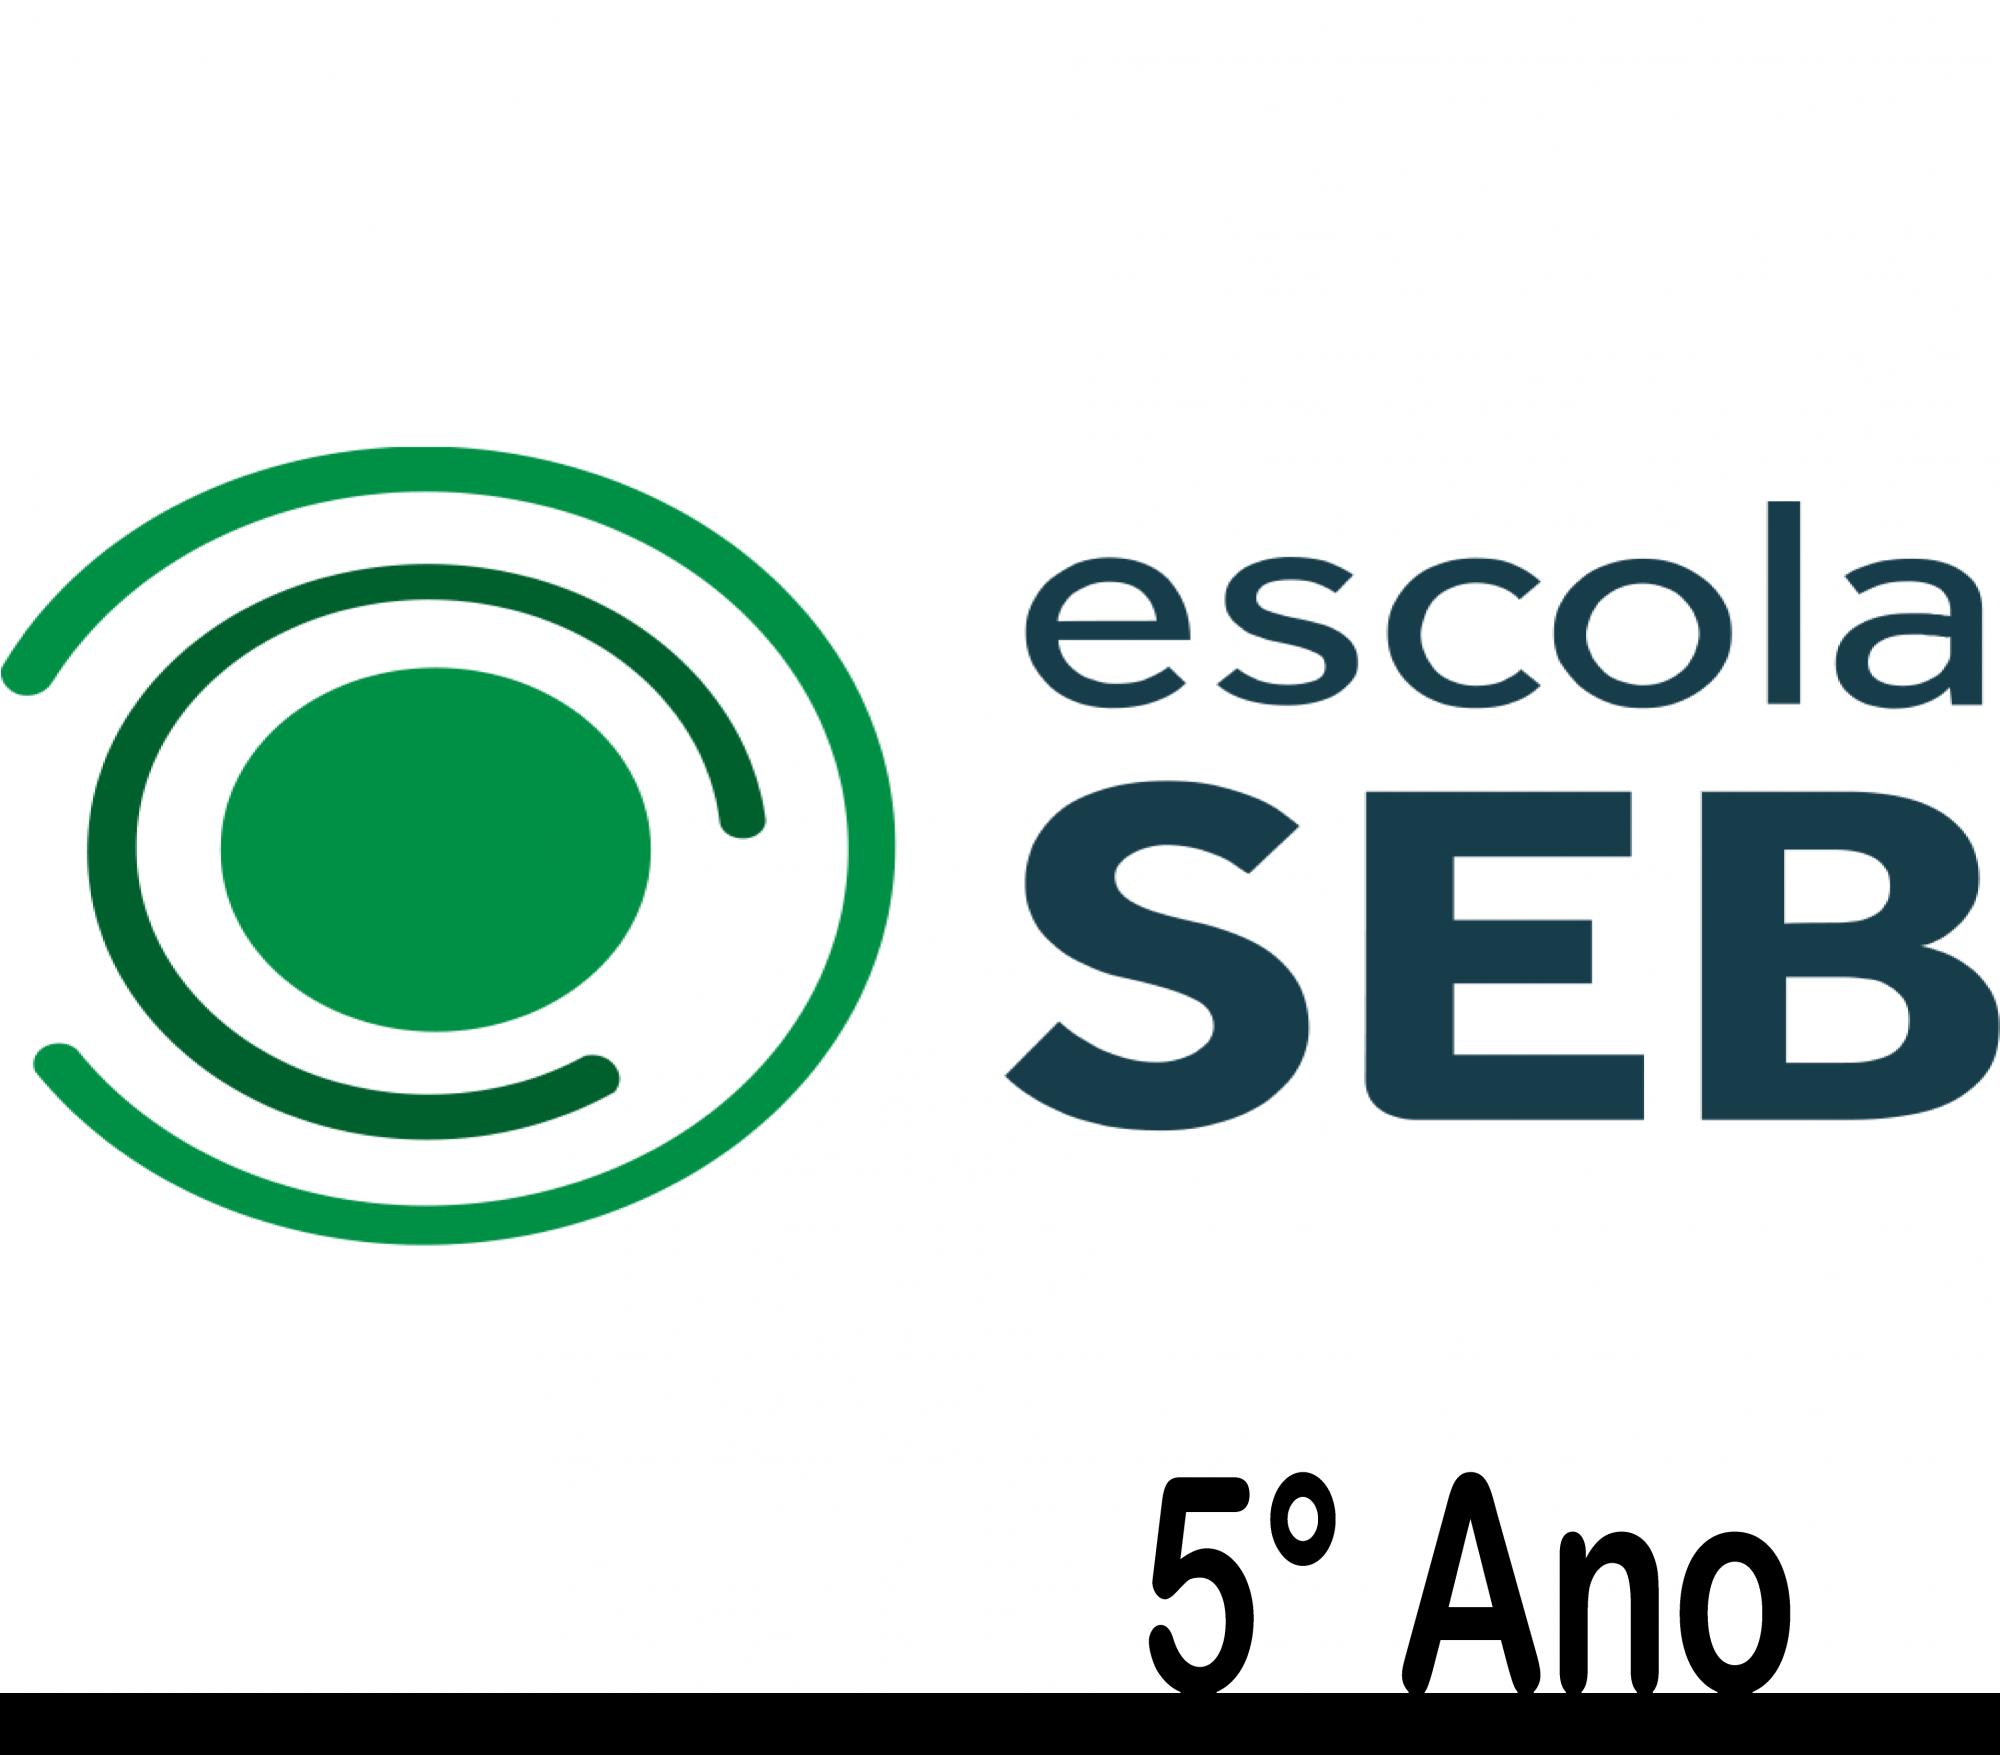 Seb Coc - 5° Ano sem uso pessoal - 2021